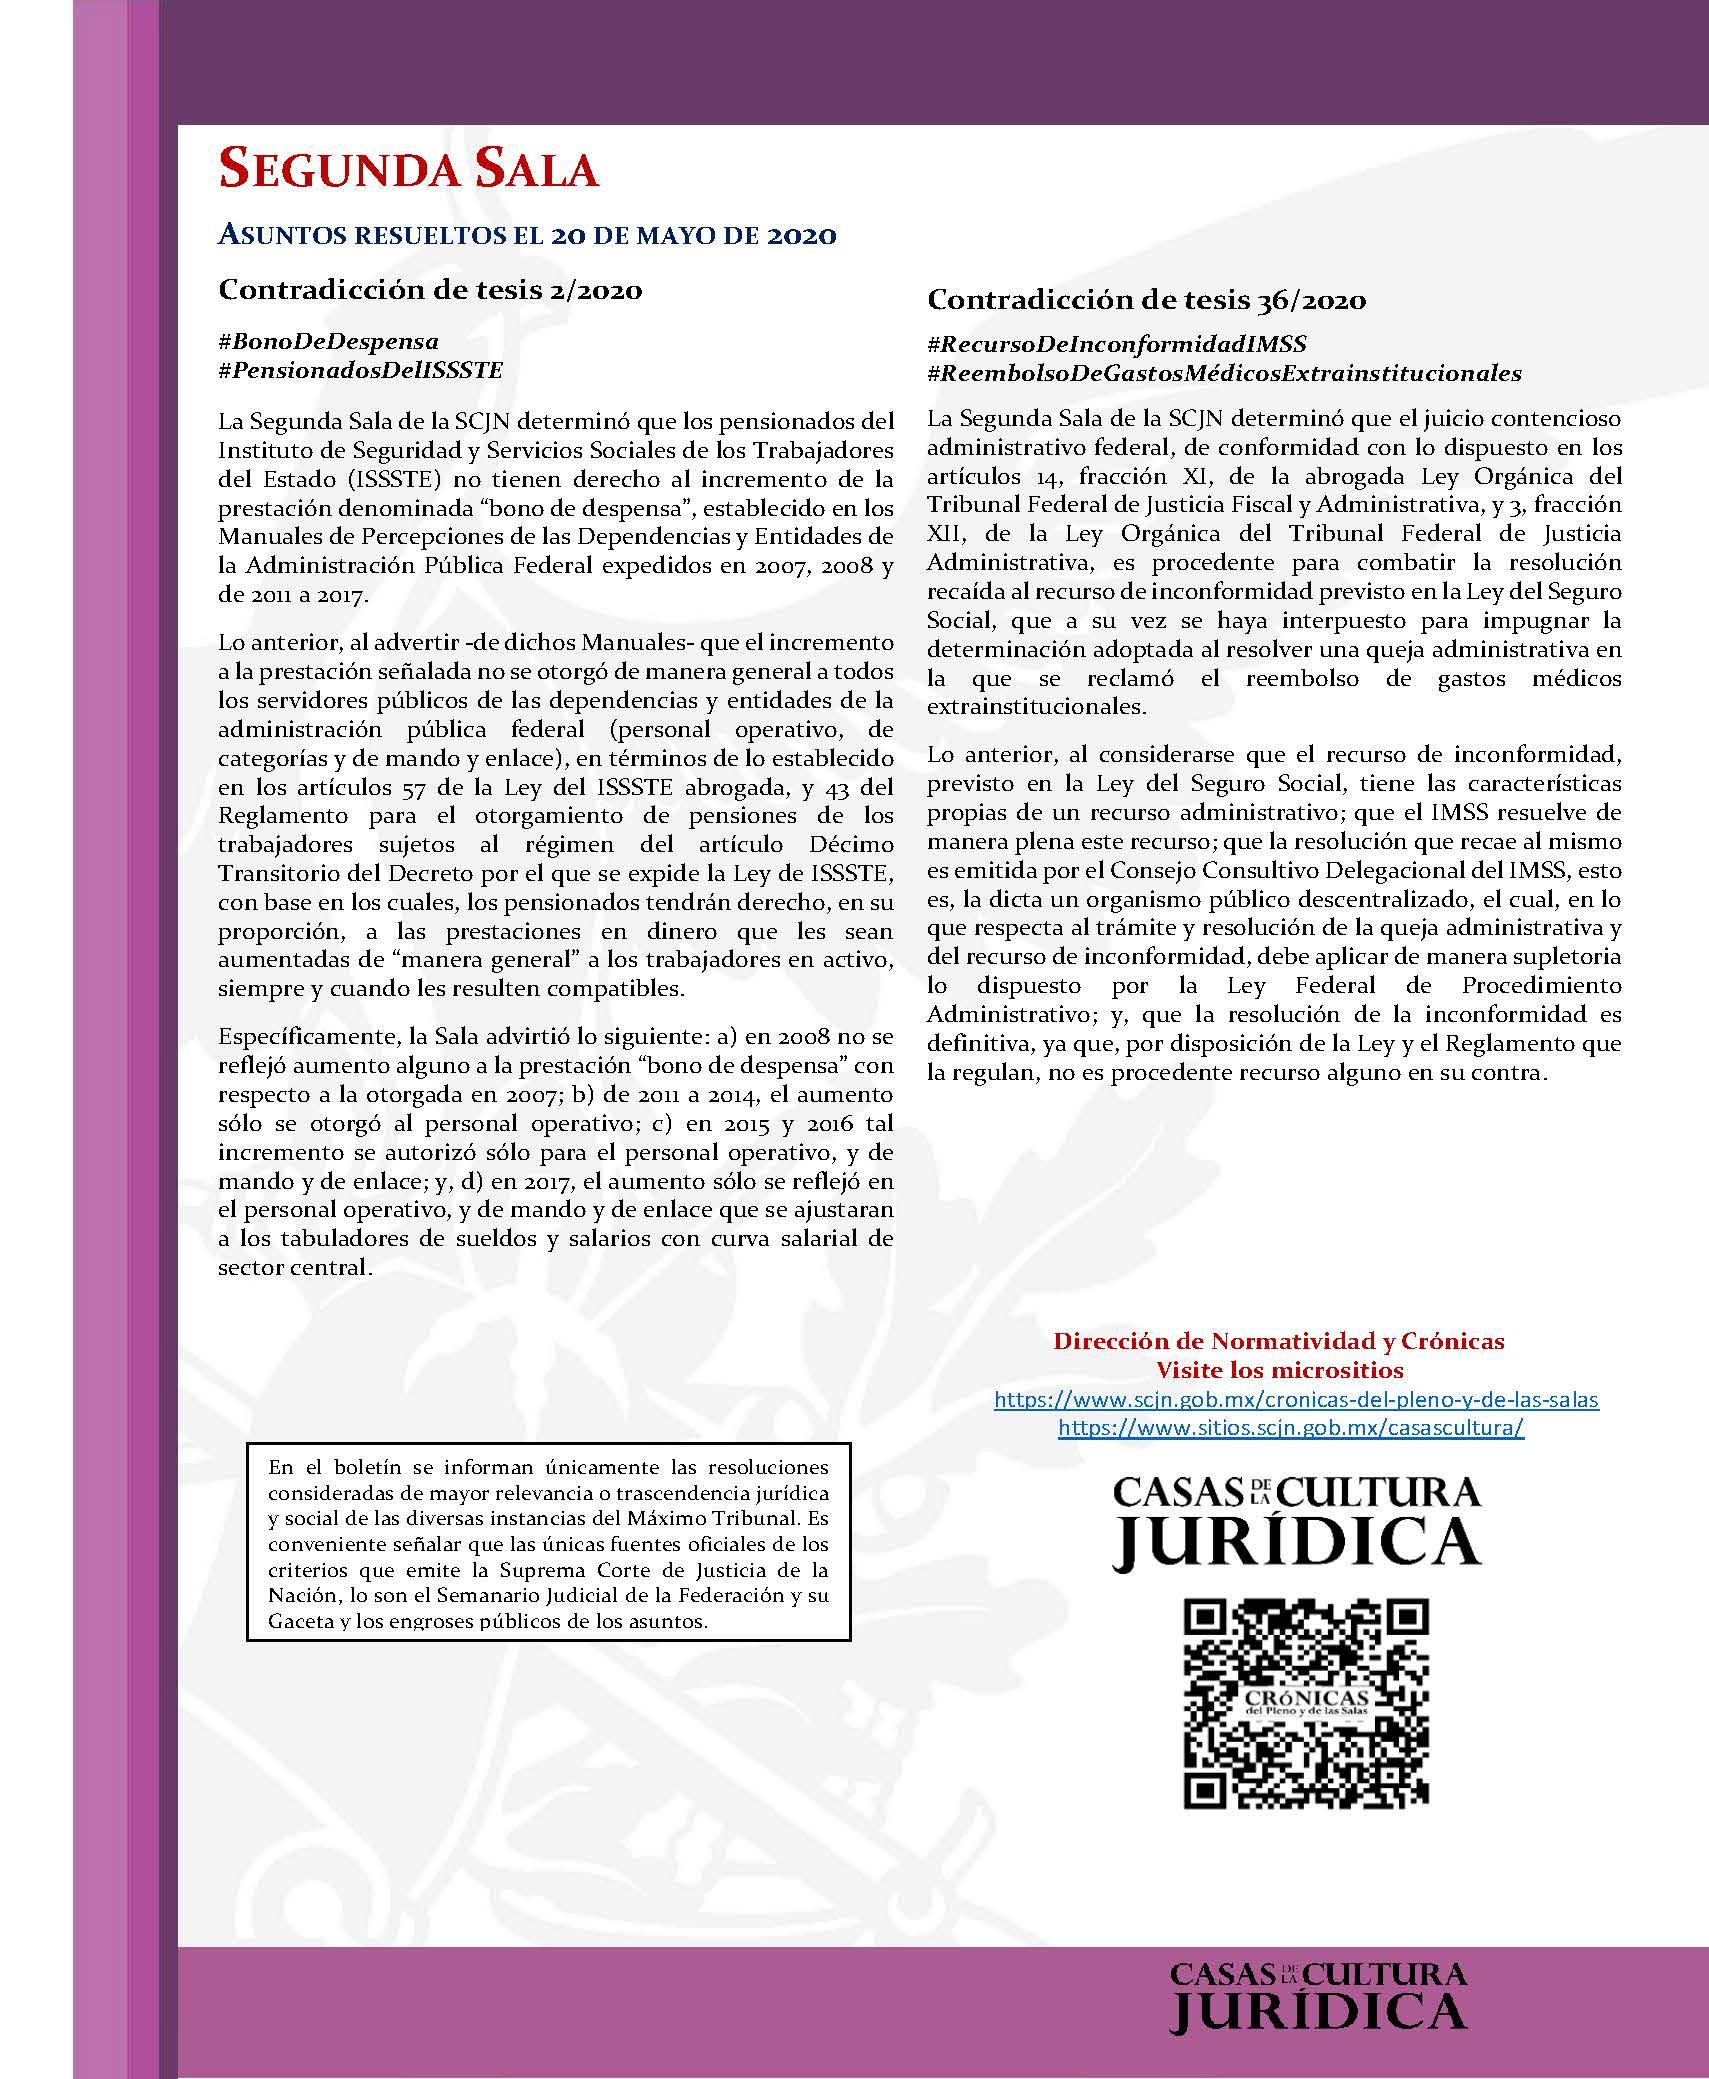 La Corte al Día. Temas destacados resueltos por la Suprema Corte de Justicia de la Nación. Del 18 al 22 de mayo de 2020 - 04